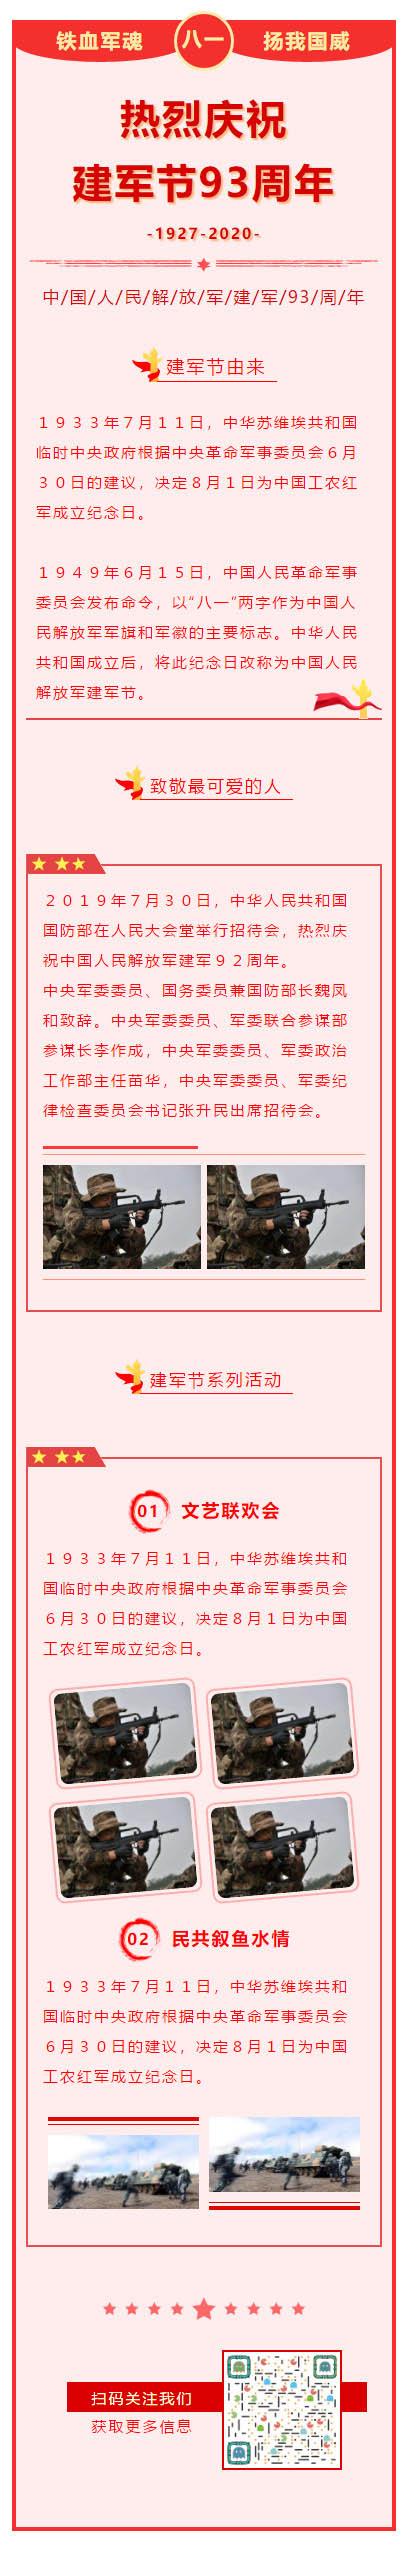 建军节红色模板微信公众号图文素材推送图文推文模板